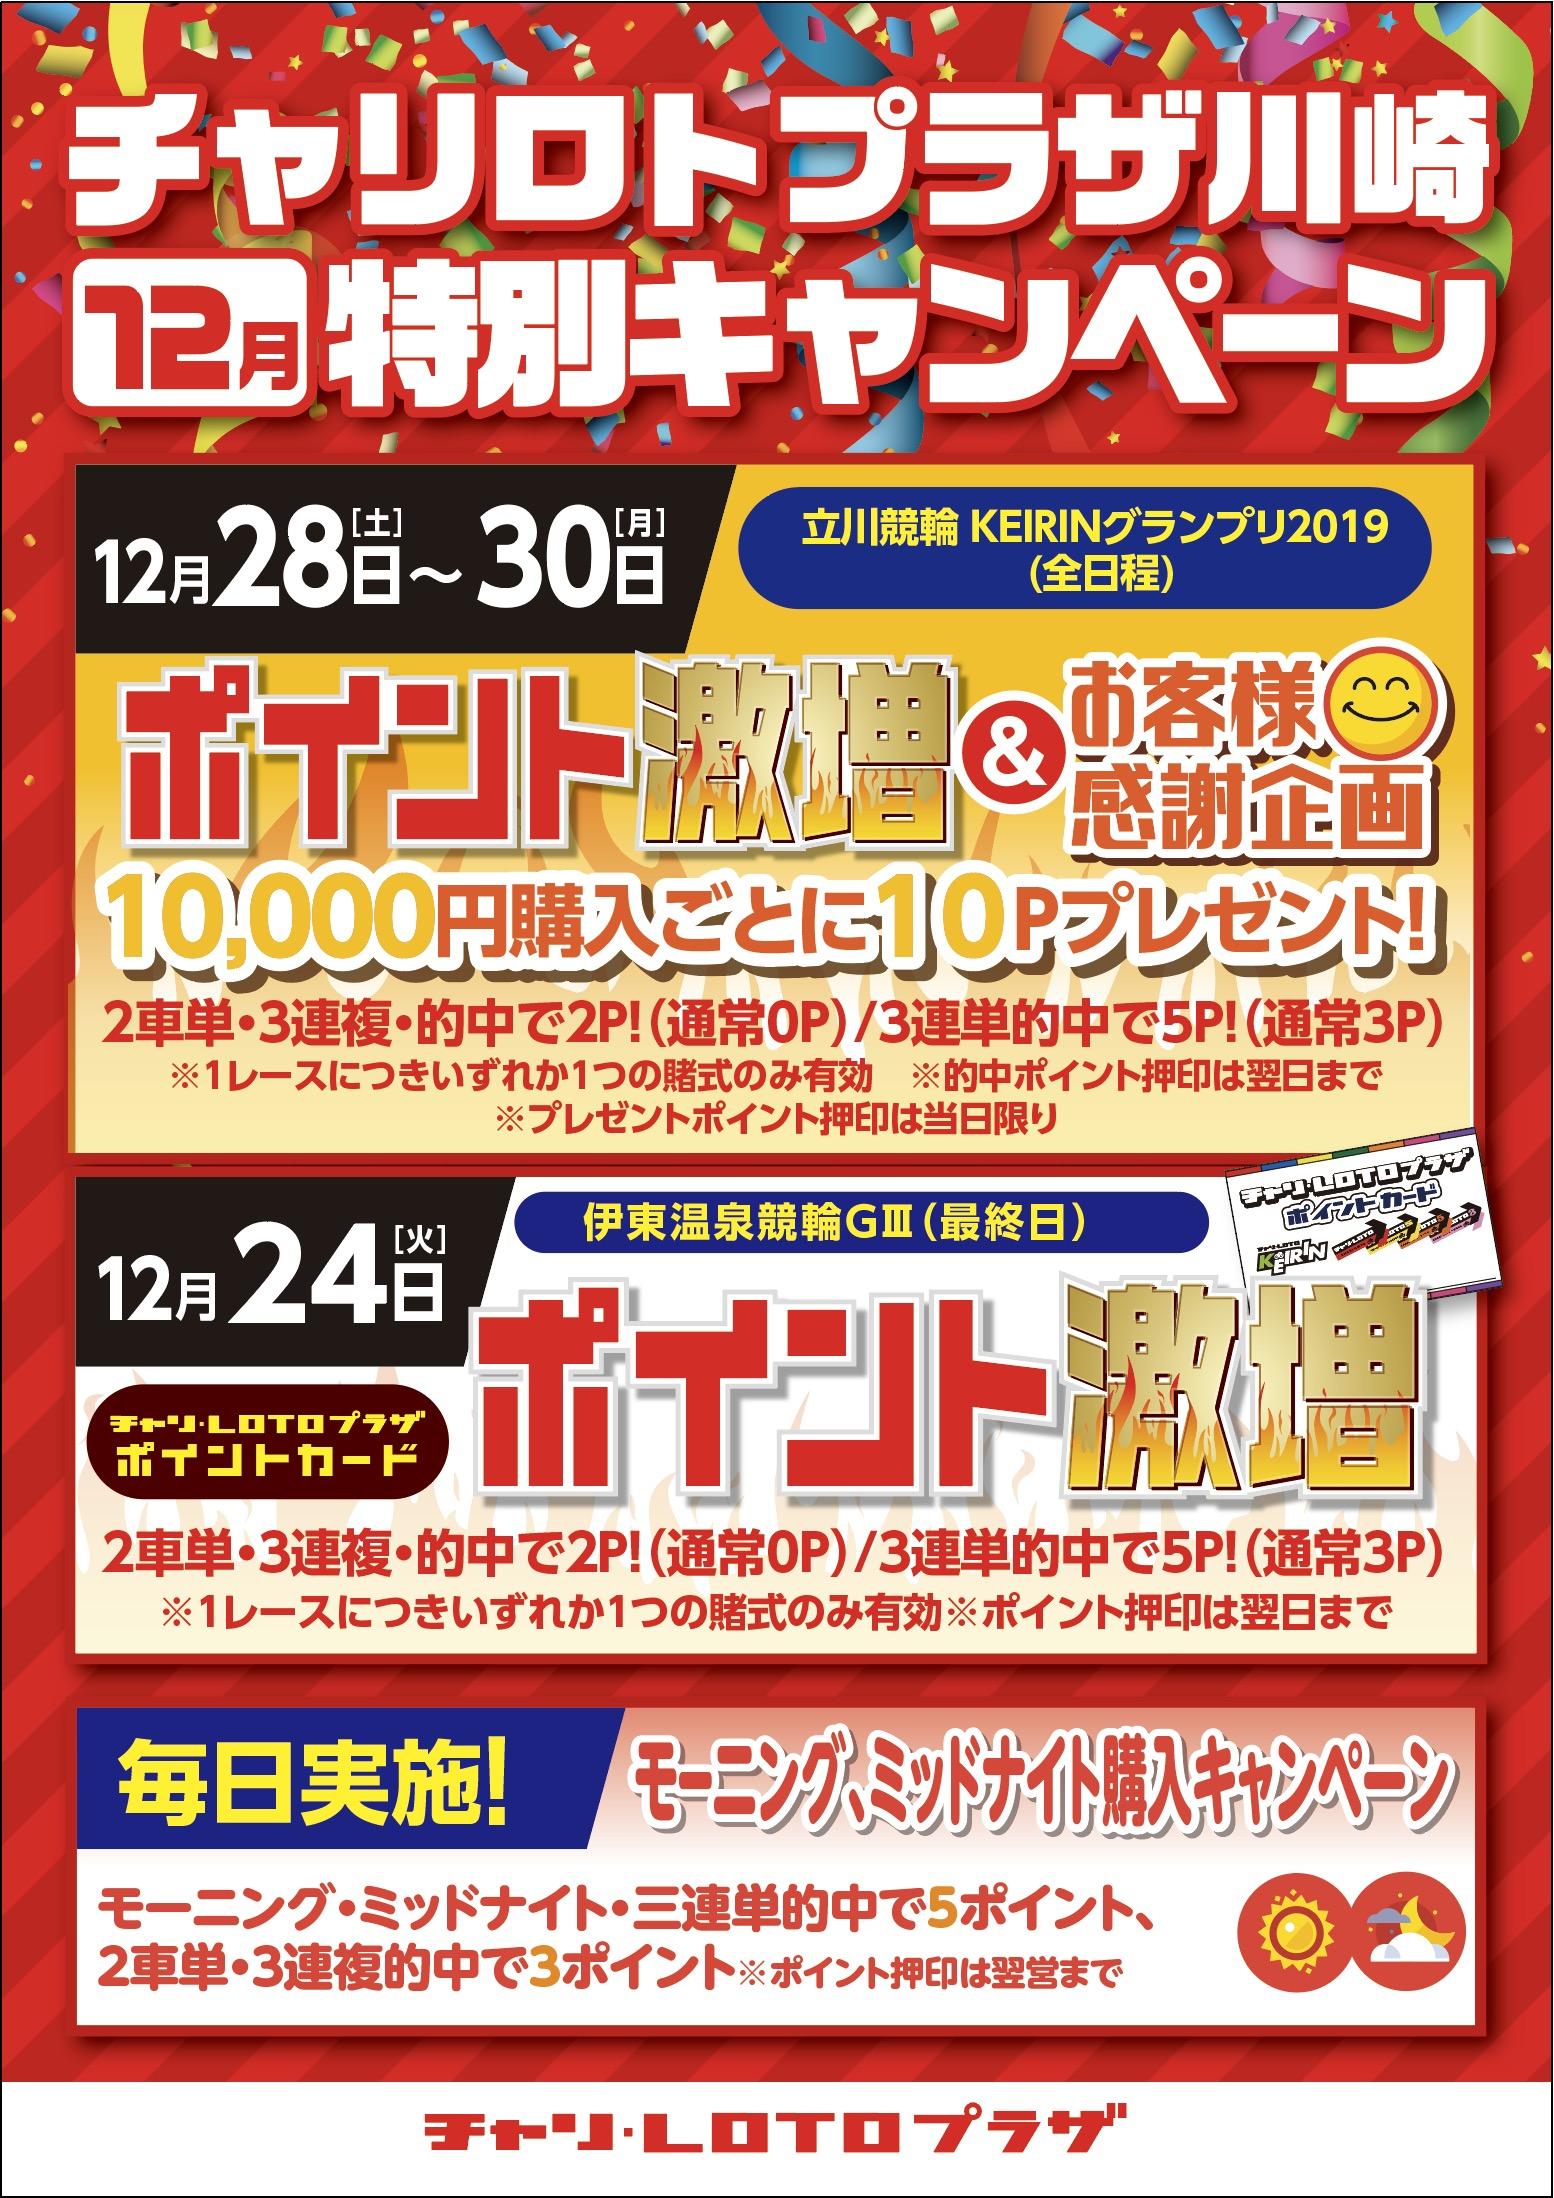 【川崎】モーニング・ミッドナイト月間特別CP(12月)